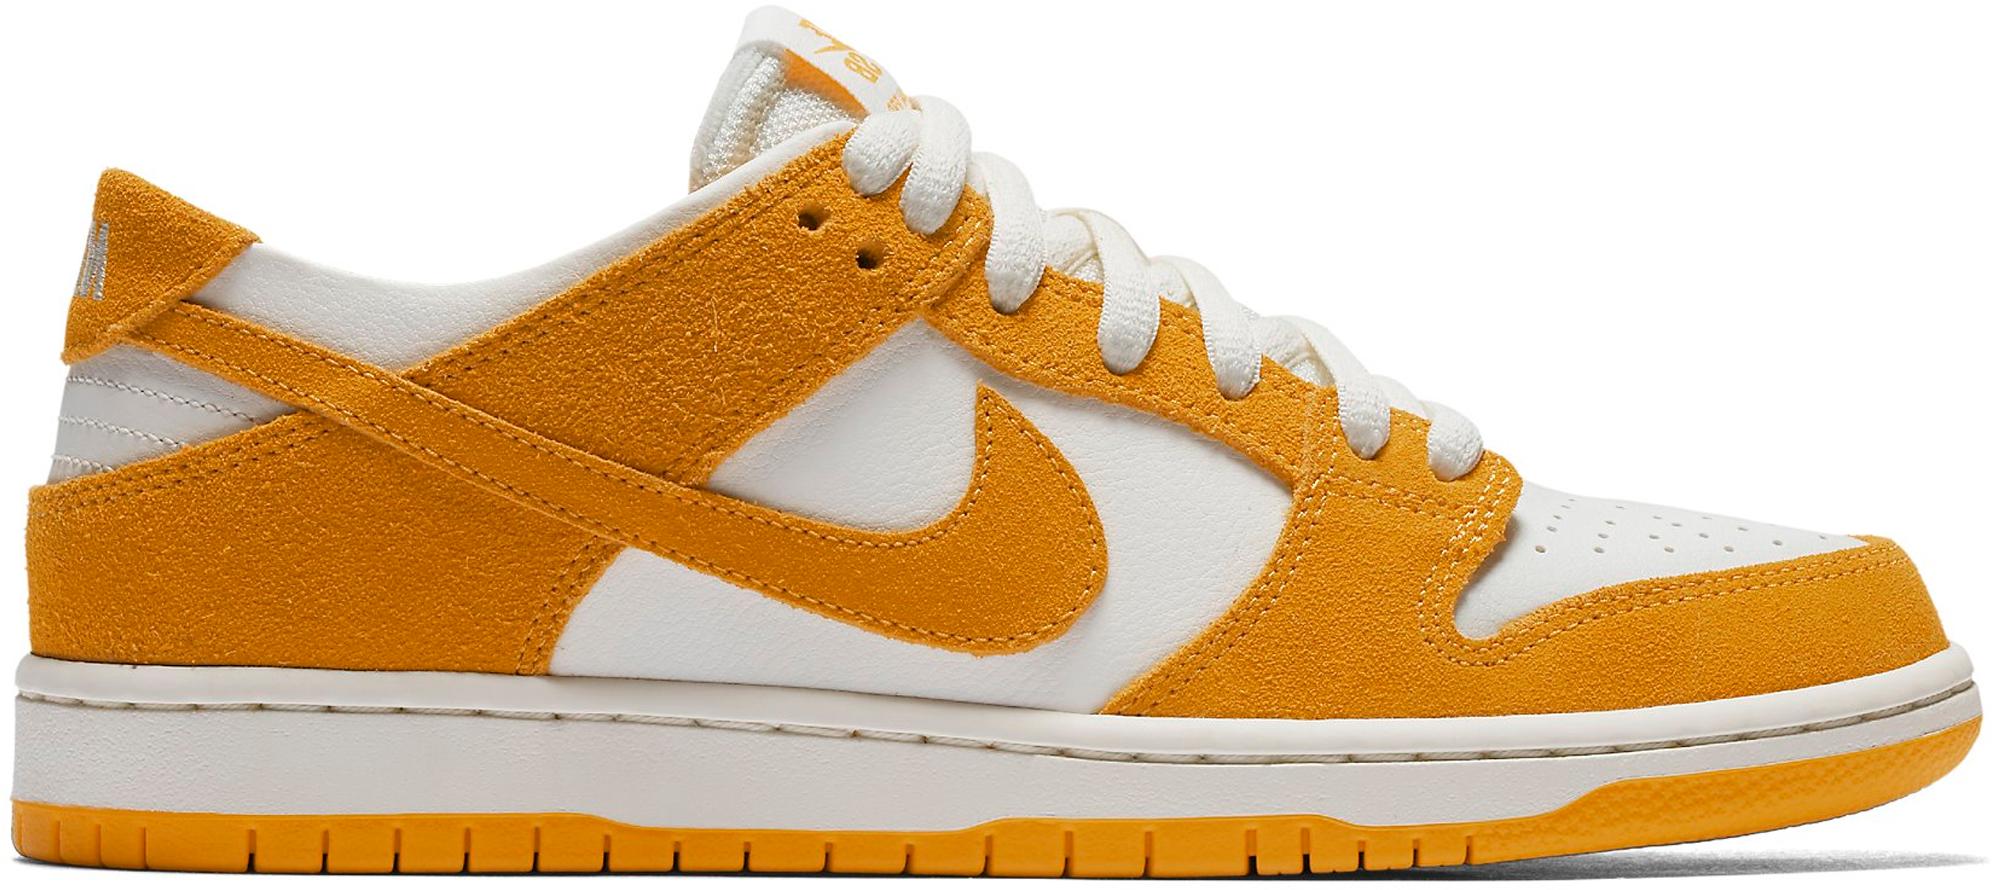 Nike SB Dunk Low Circuit Orange